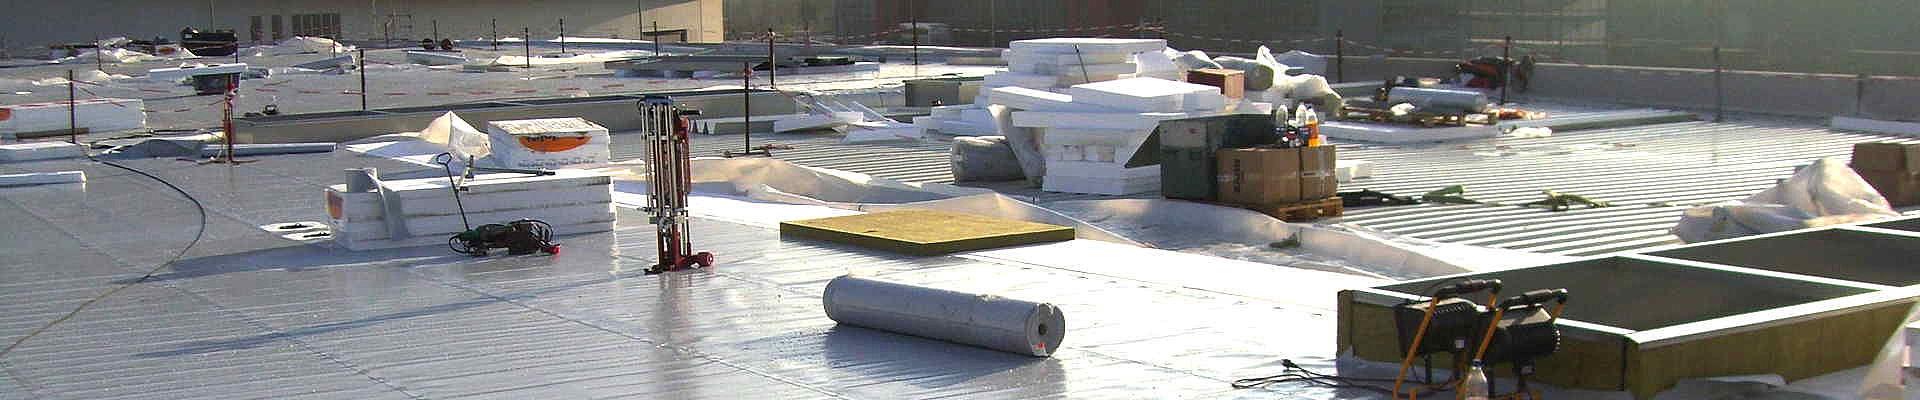 Dachbahnen aus Kunststoff.